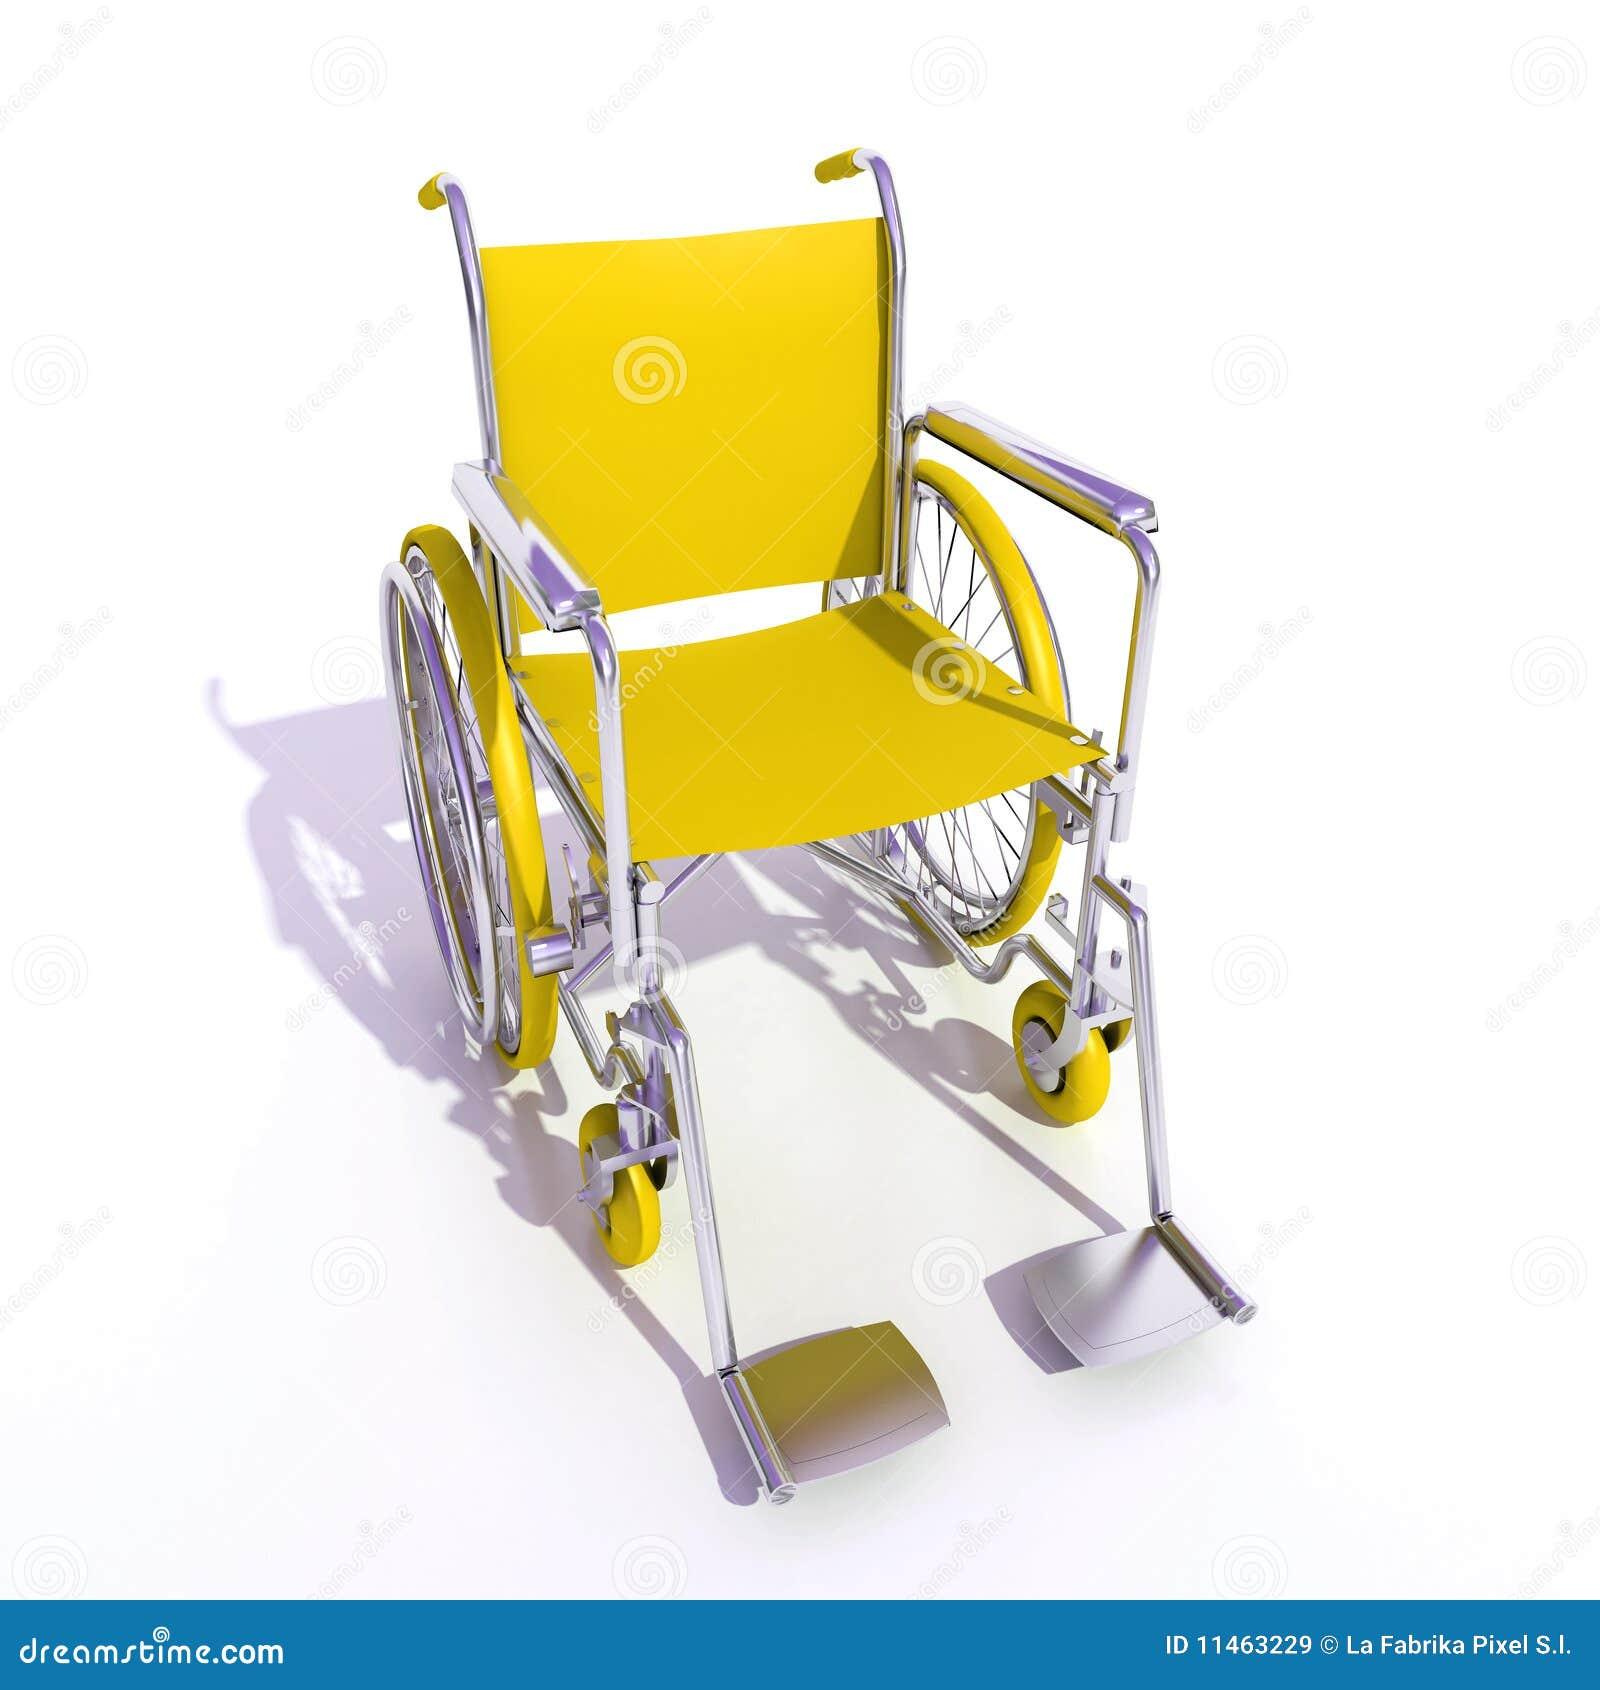 fauteuil roulant jaune images libres de droits image 11463229. Black Bedroom Furniture Sets. Home Design Ideas